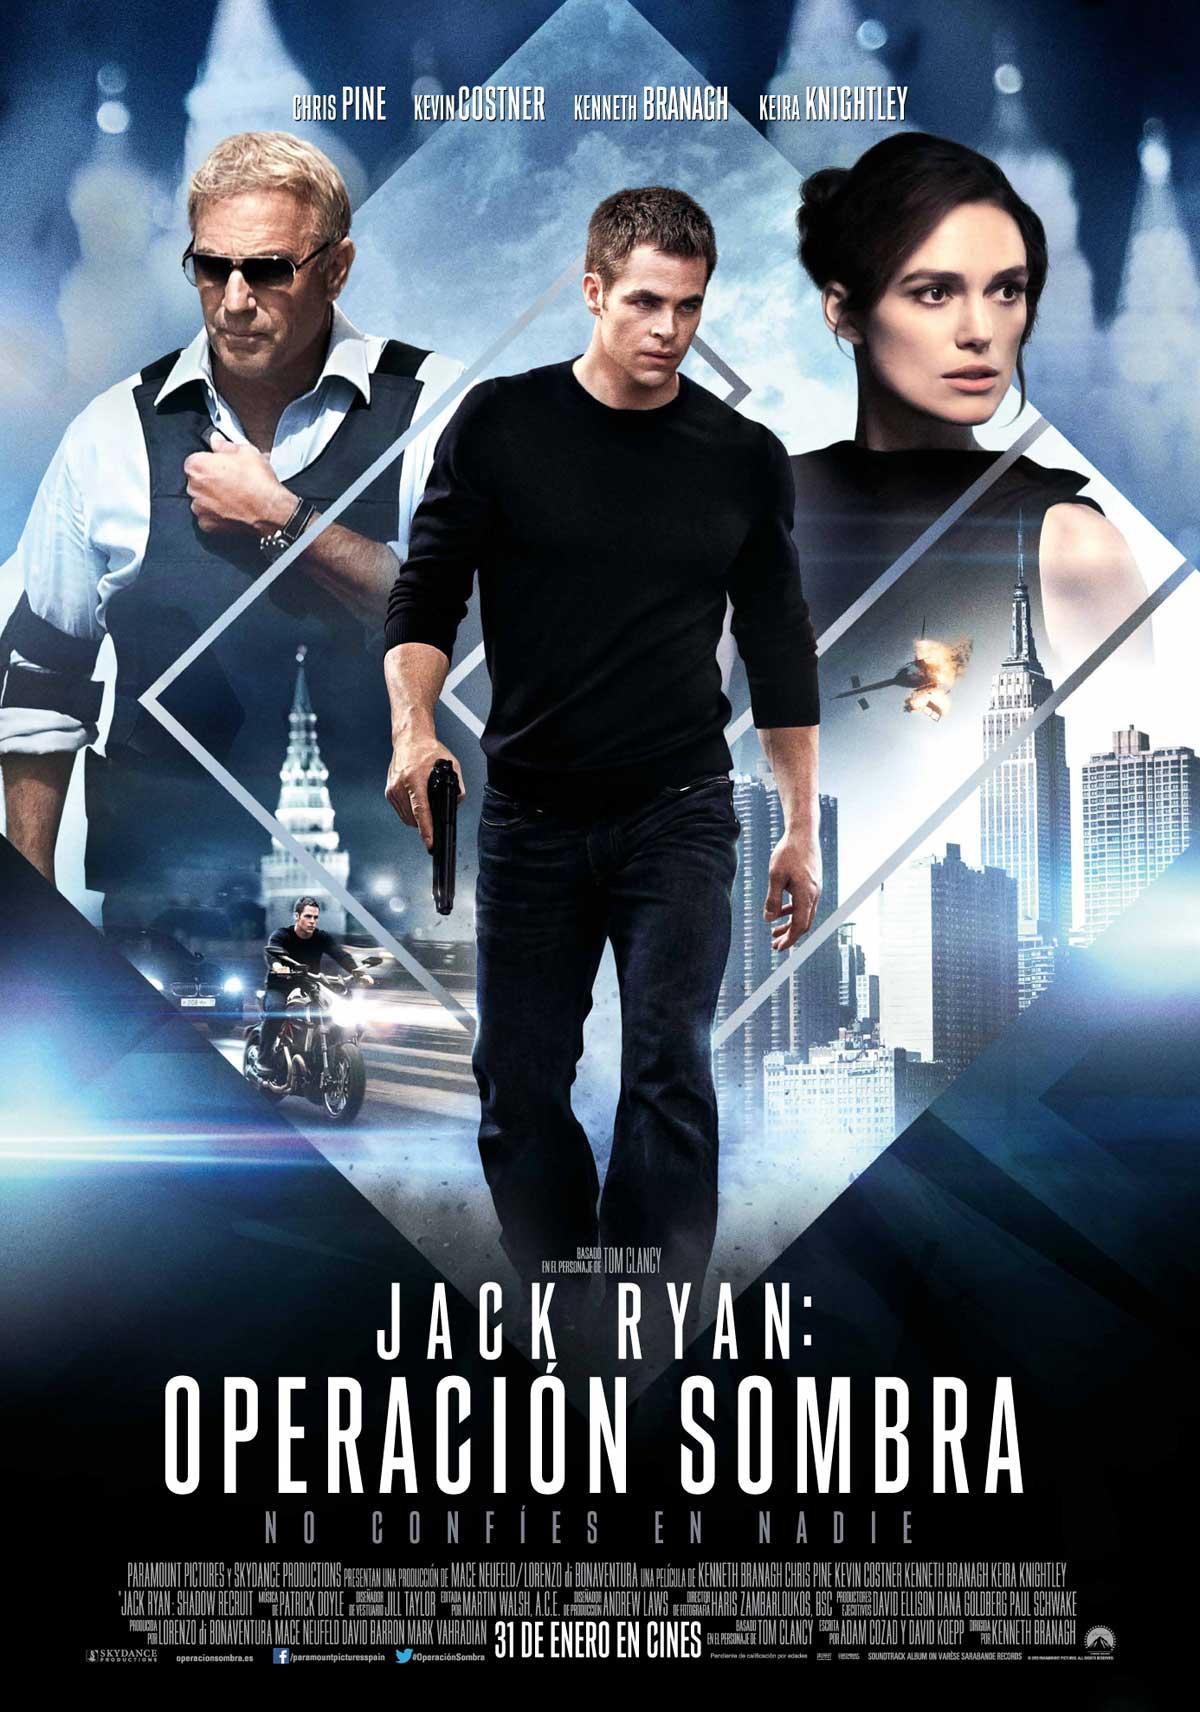 Operación Sombra